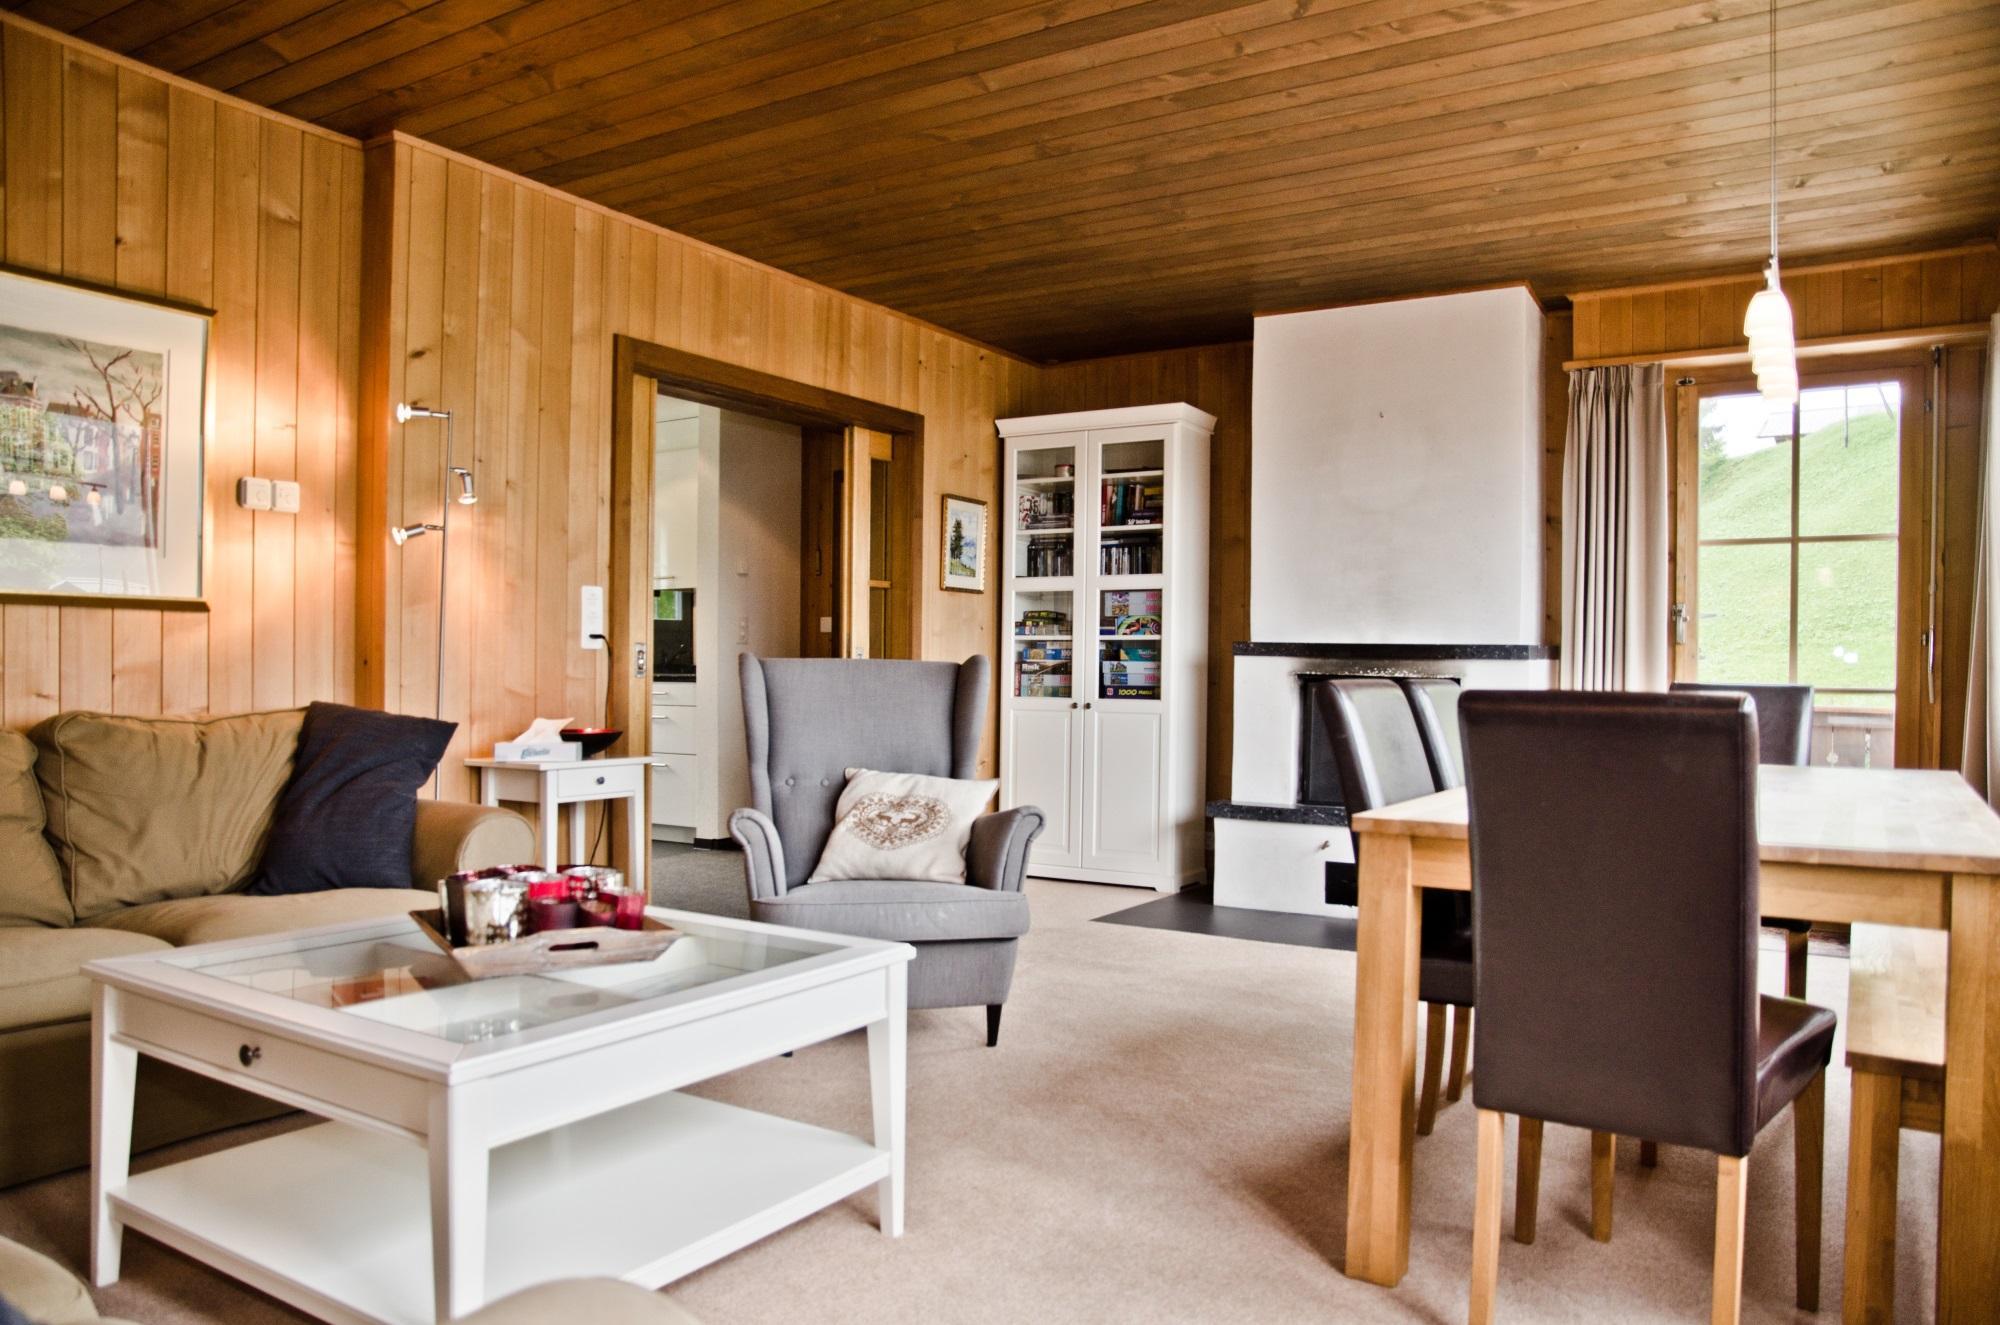 Ferienwohnung Zita 6 Bett Wohnung Obj. GRIWA6016 (918273), Grindelwald, Jungfrauregion, Berner Oberland, Schweiz, Bild 3